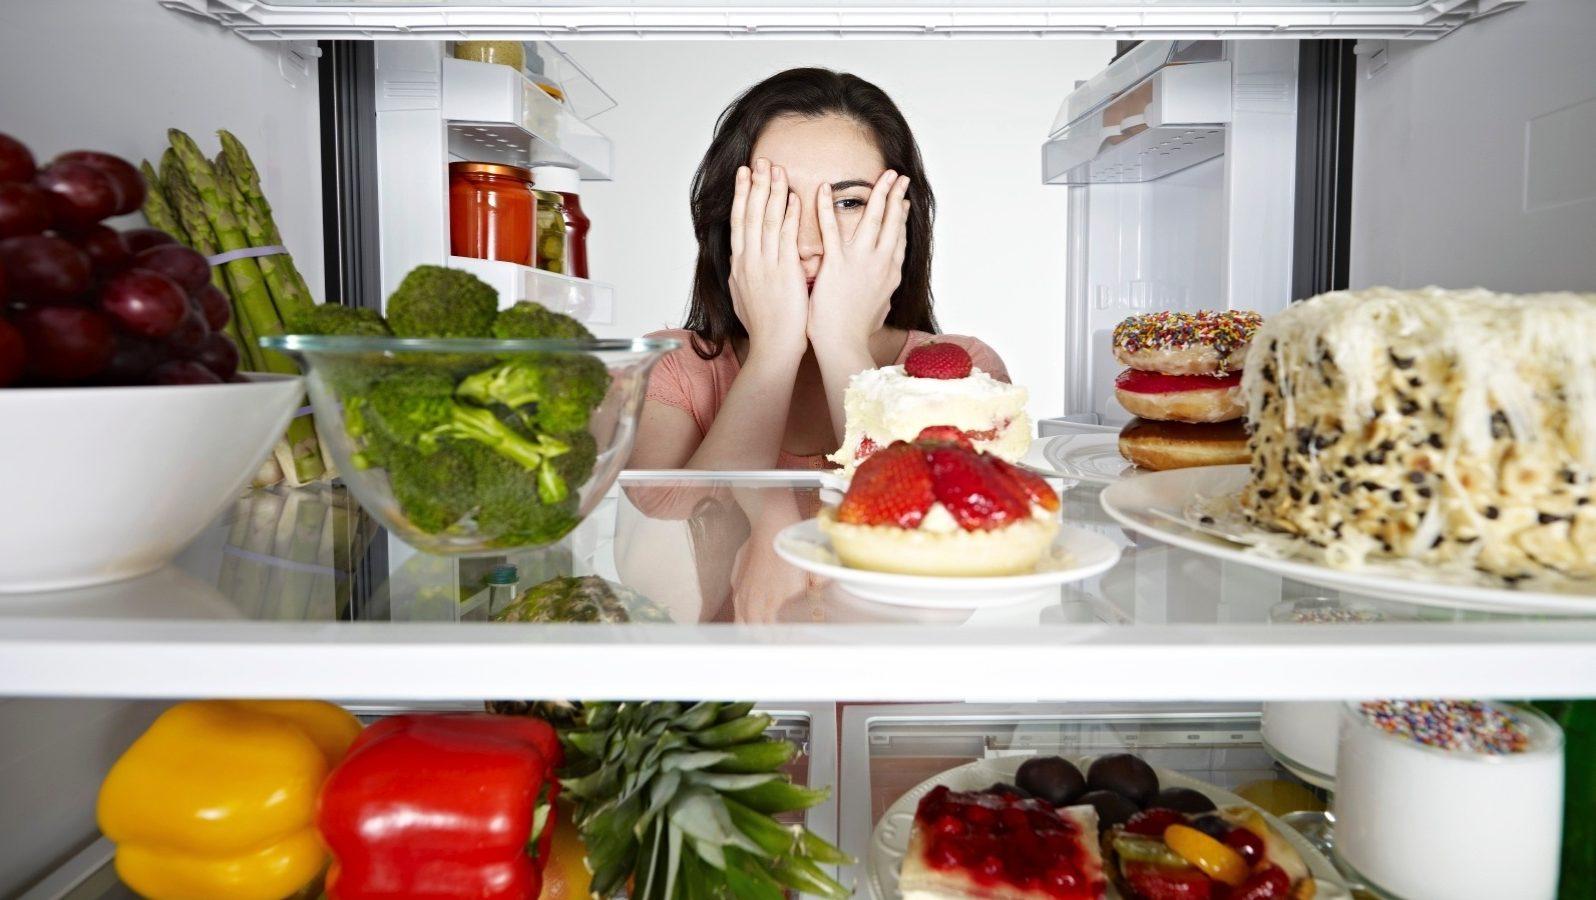 não ganhar peso durante a quarentena